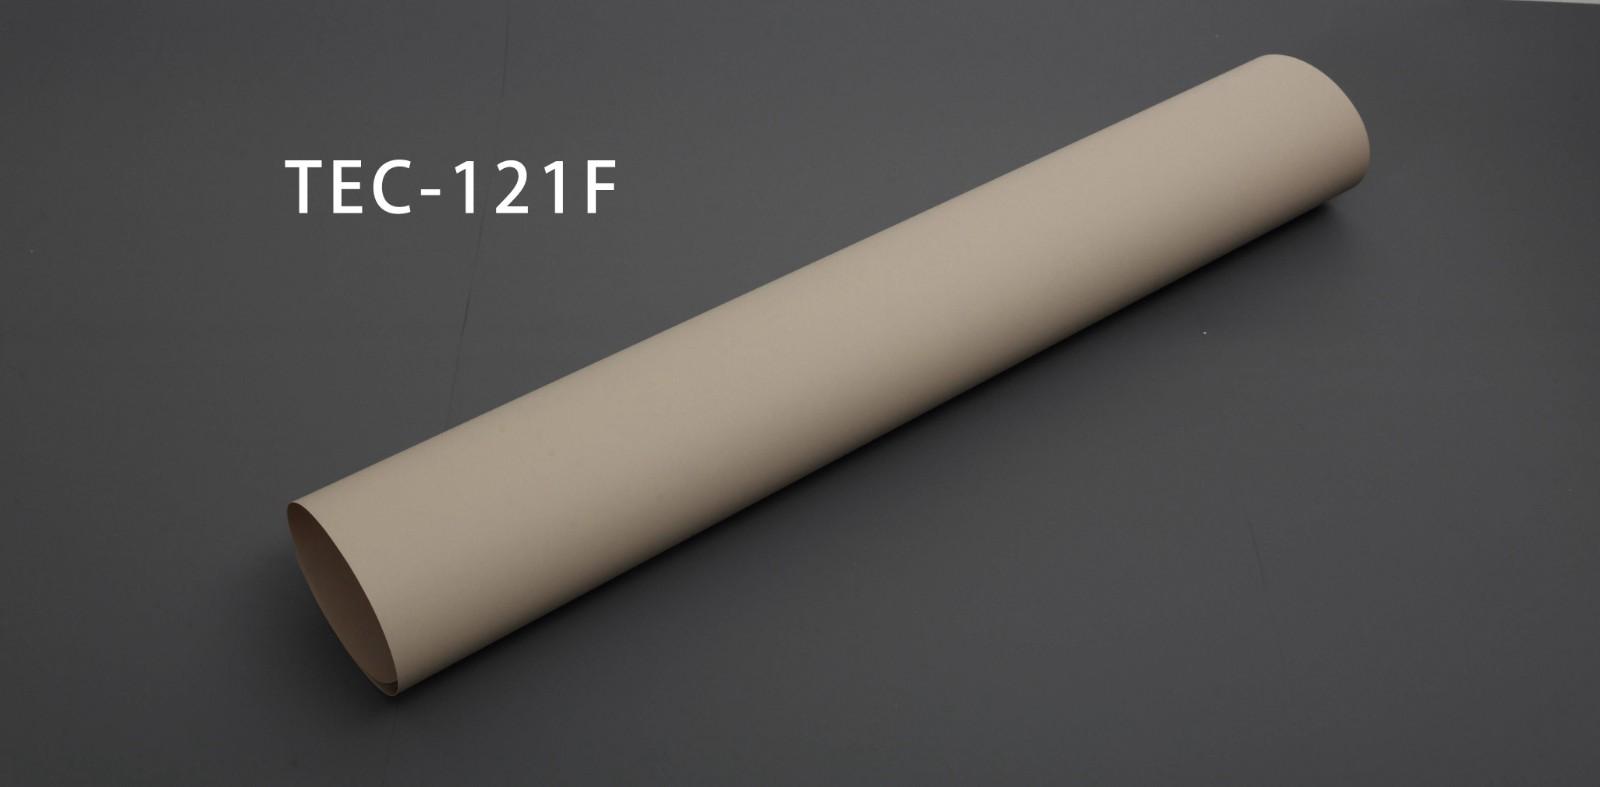 TEC-121F